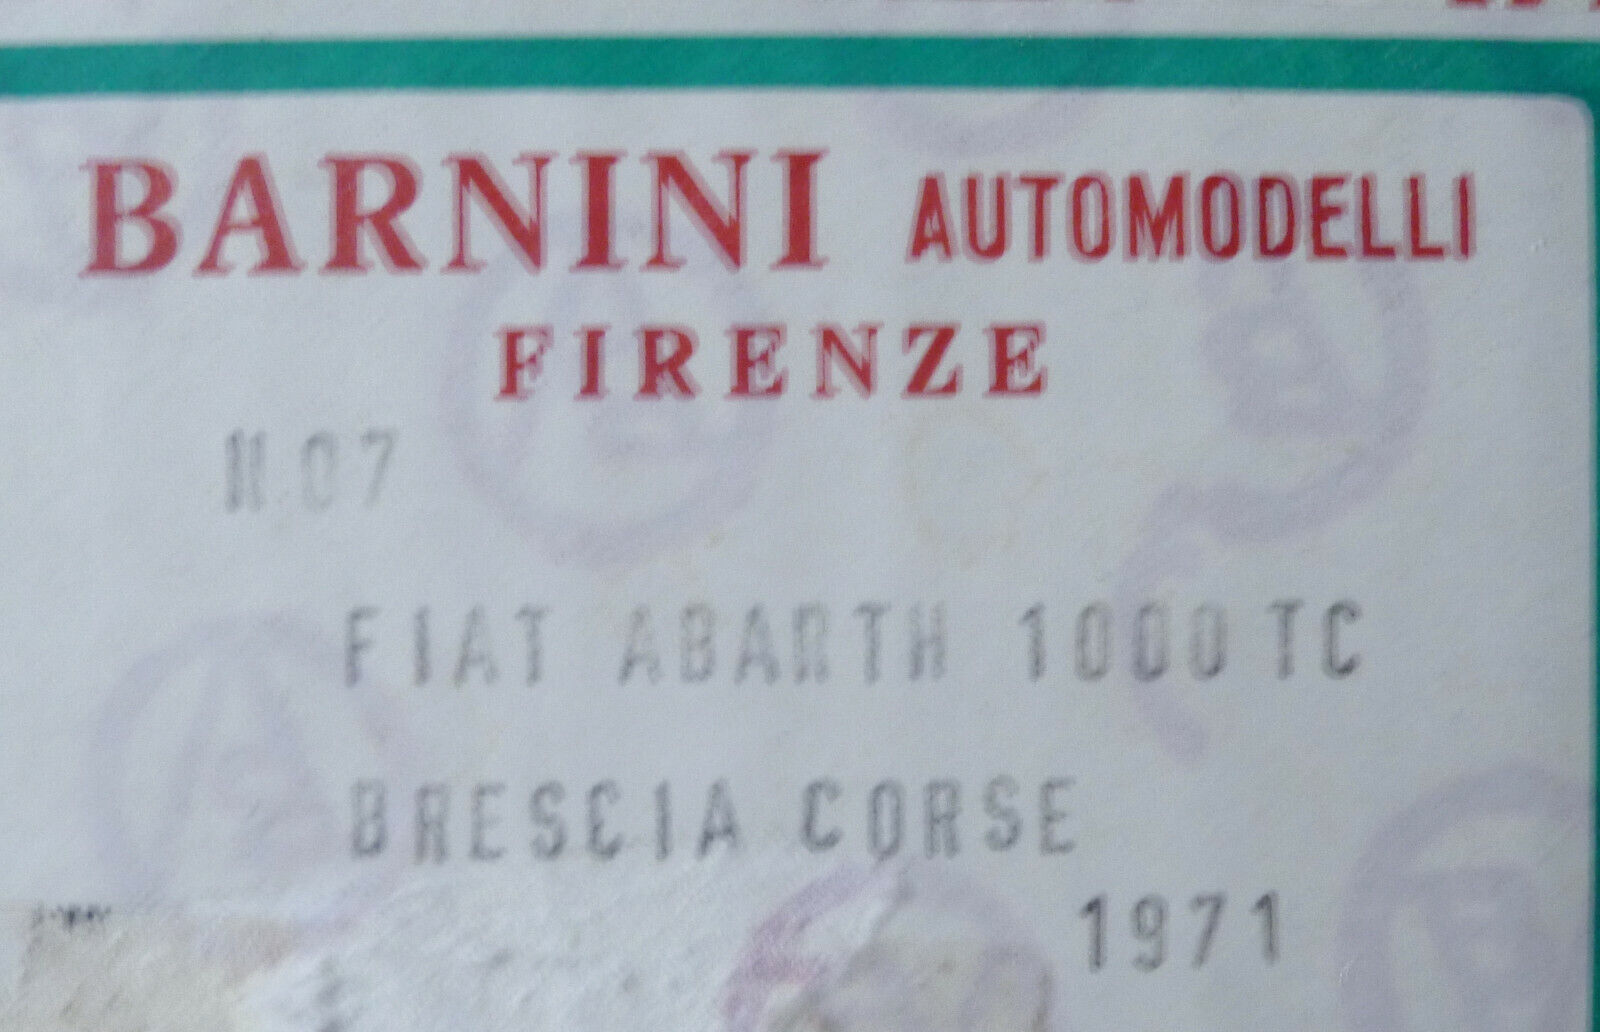 FIAT ABARTH 1000TC BRESCIA CORSE - 1971  -   BARNINI 1 43